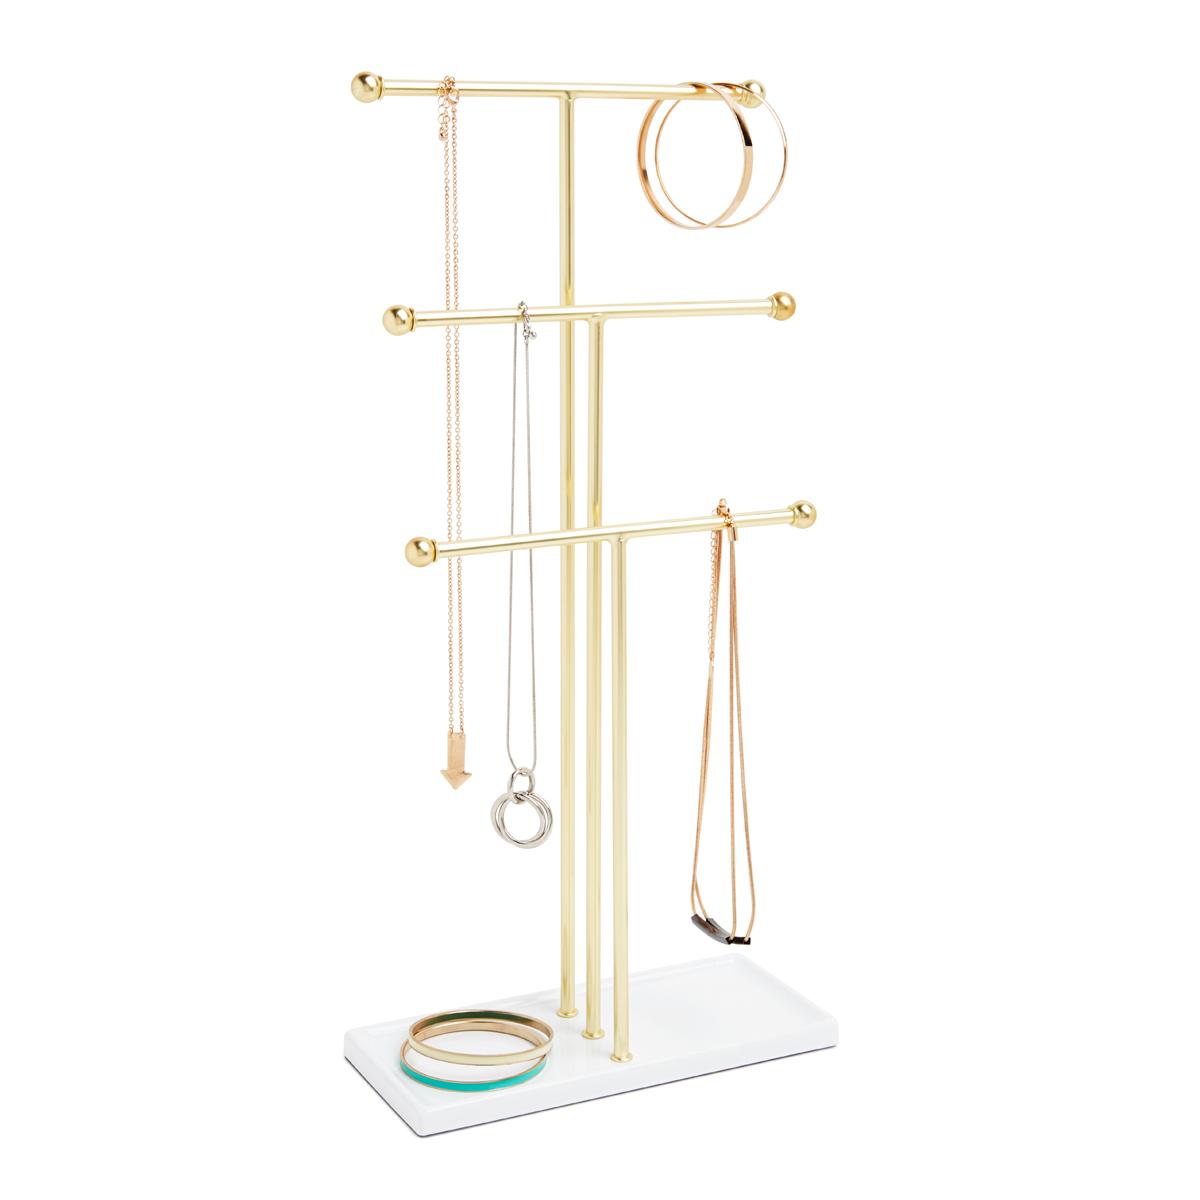 Органайзер для украшений Umbra Trigem299330-524Высокотехнологично и высокофункционально: трехъярусный держатель для украшений продуман для мелочей. Самый высокий - для бус, средний - для длинных сережек и цепочек, малый - для браслетов, сережек, колец. Плюс подставка держателя как дополнительное пространство для часов или клипс. Если ваши украшения хранятся в коробке или еще хуже - валяются в ящике стола, то самое время организовать их!